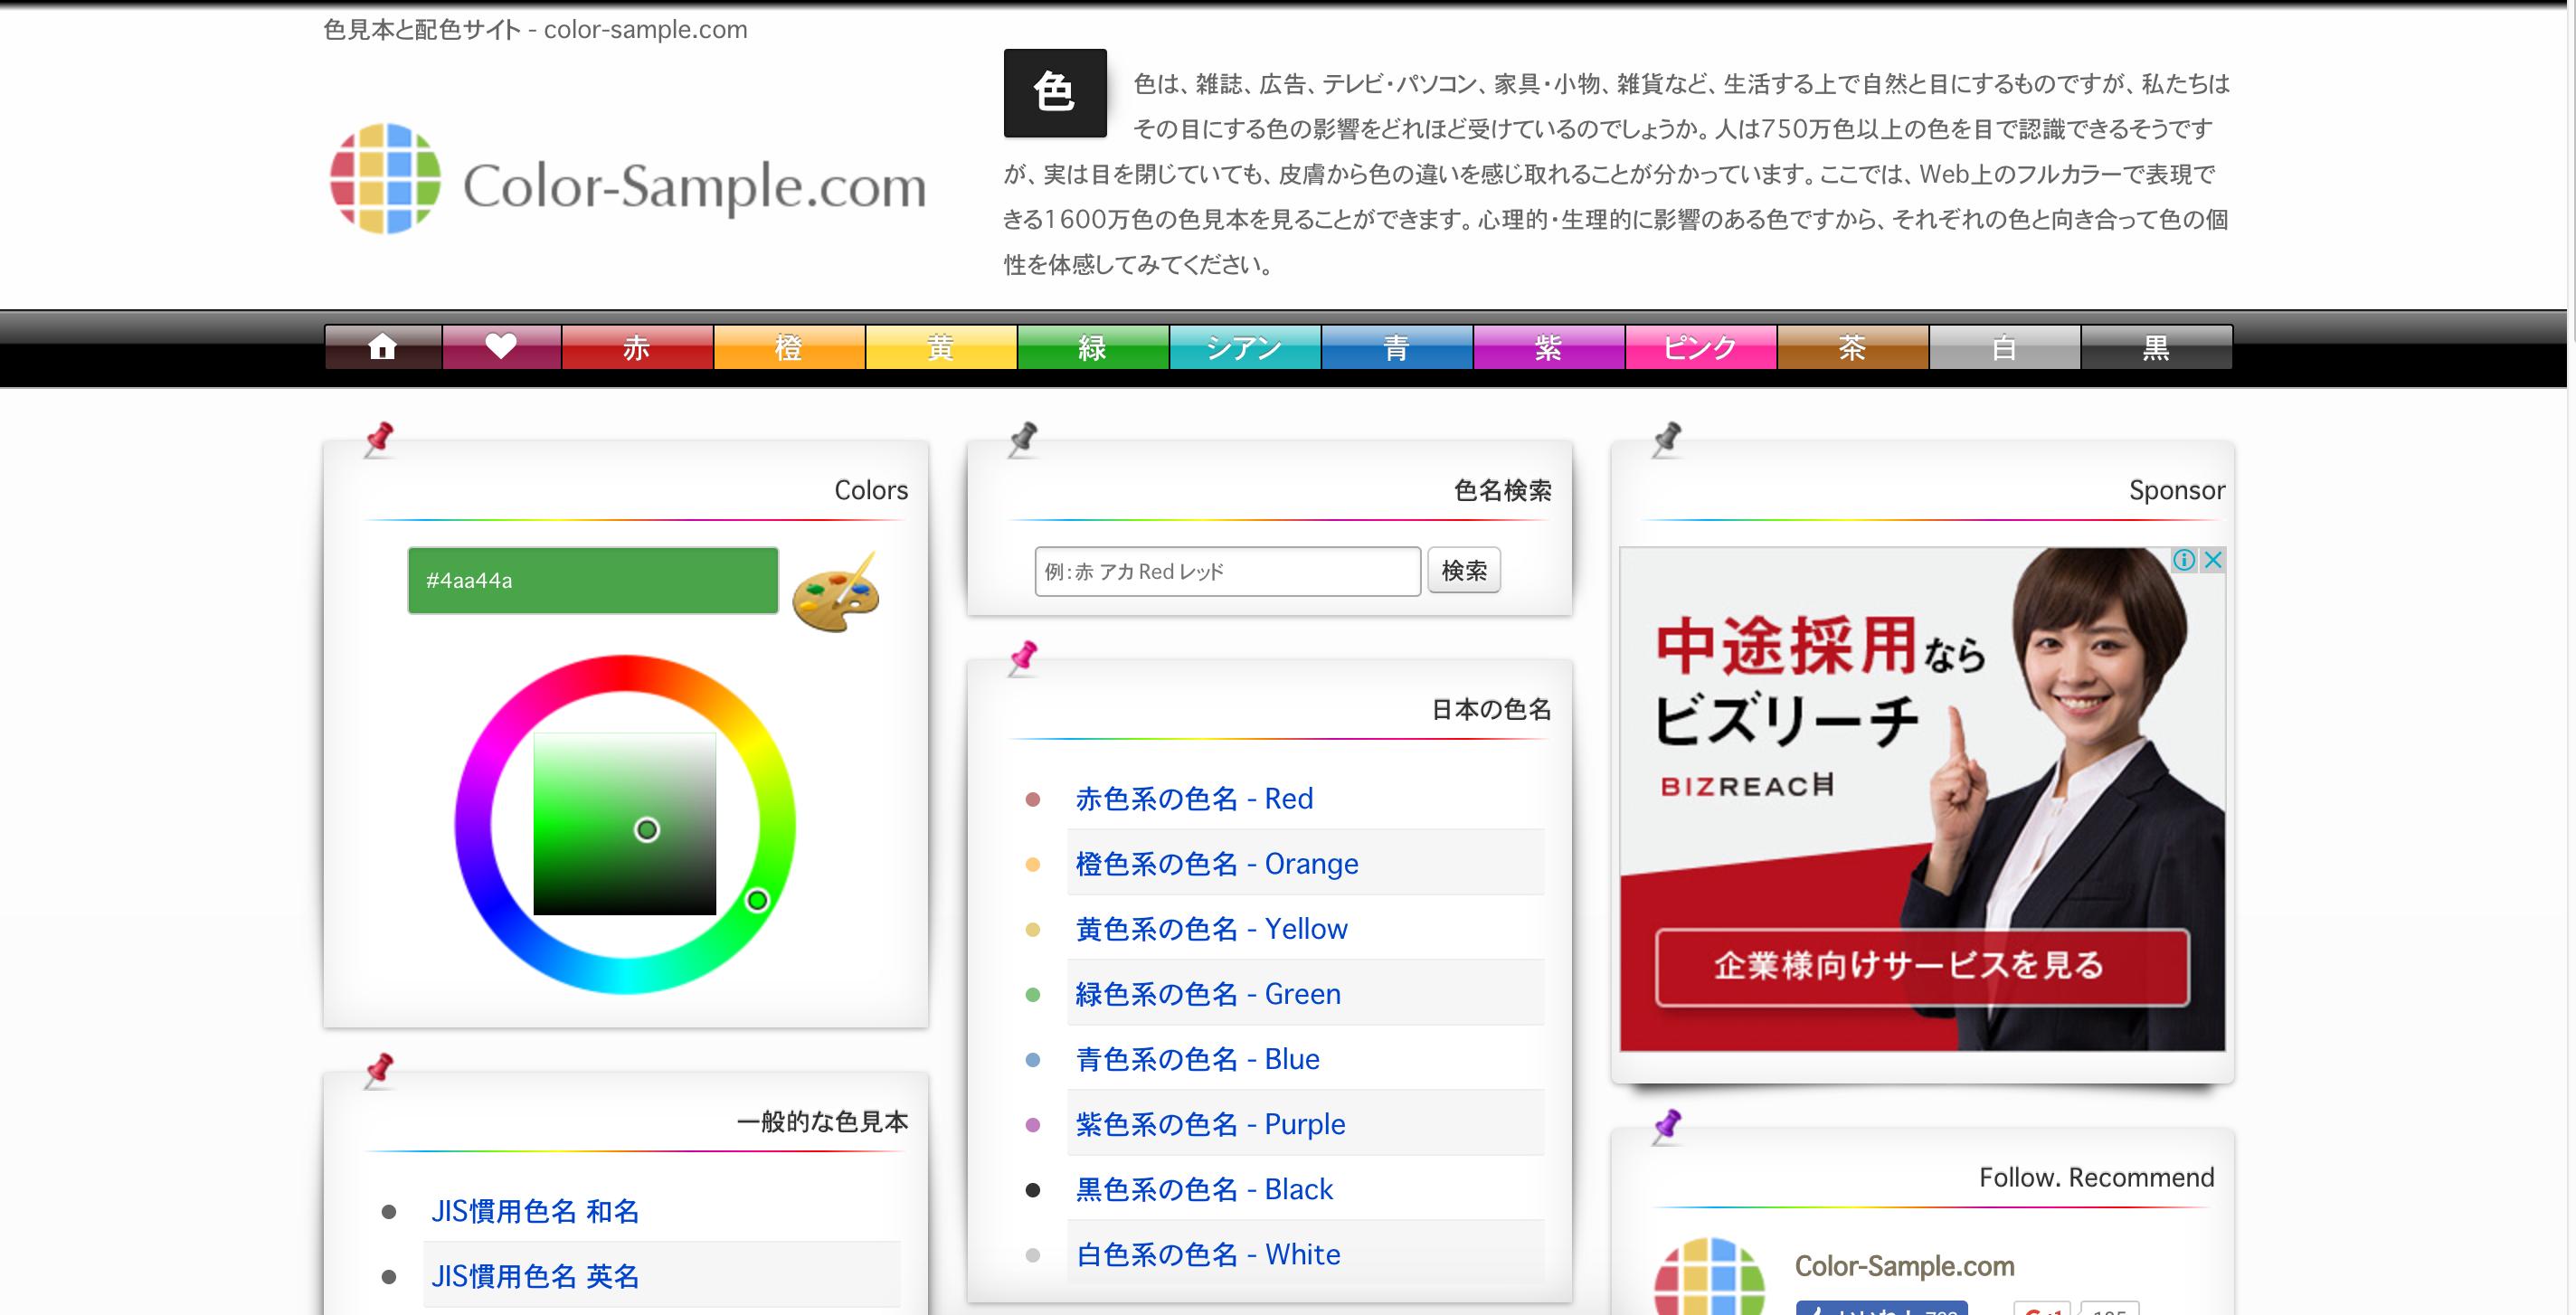 color sample - 僕のWebデザインセンスを急成長させてくれたツール12選